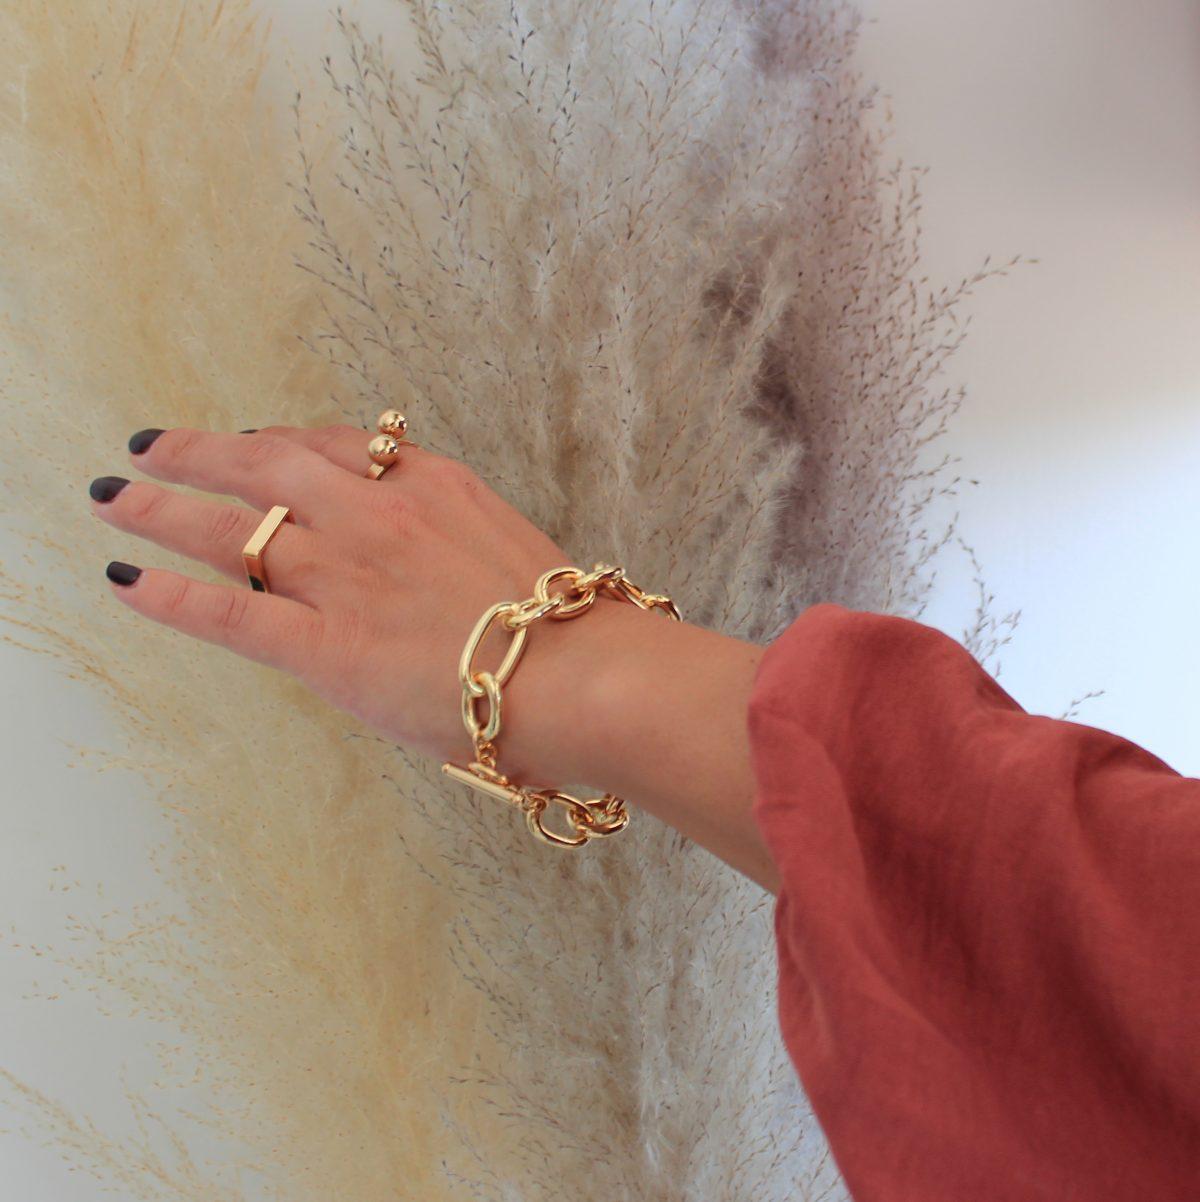 טבעת כדורים, טבעת מרובעת לזרת וצמיד חוליות גדול